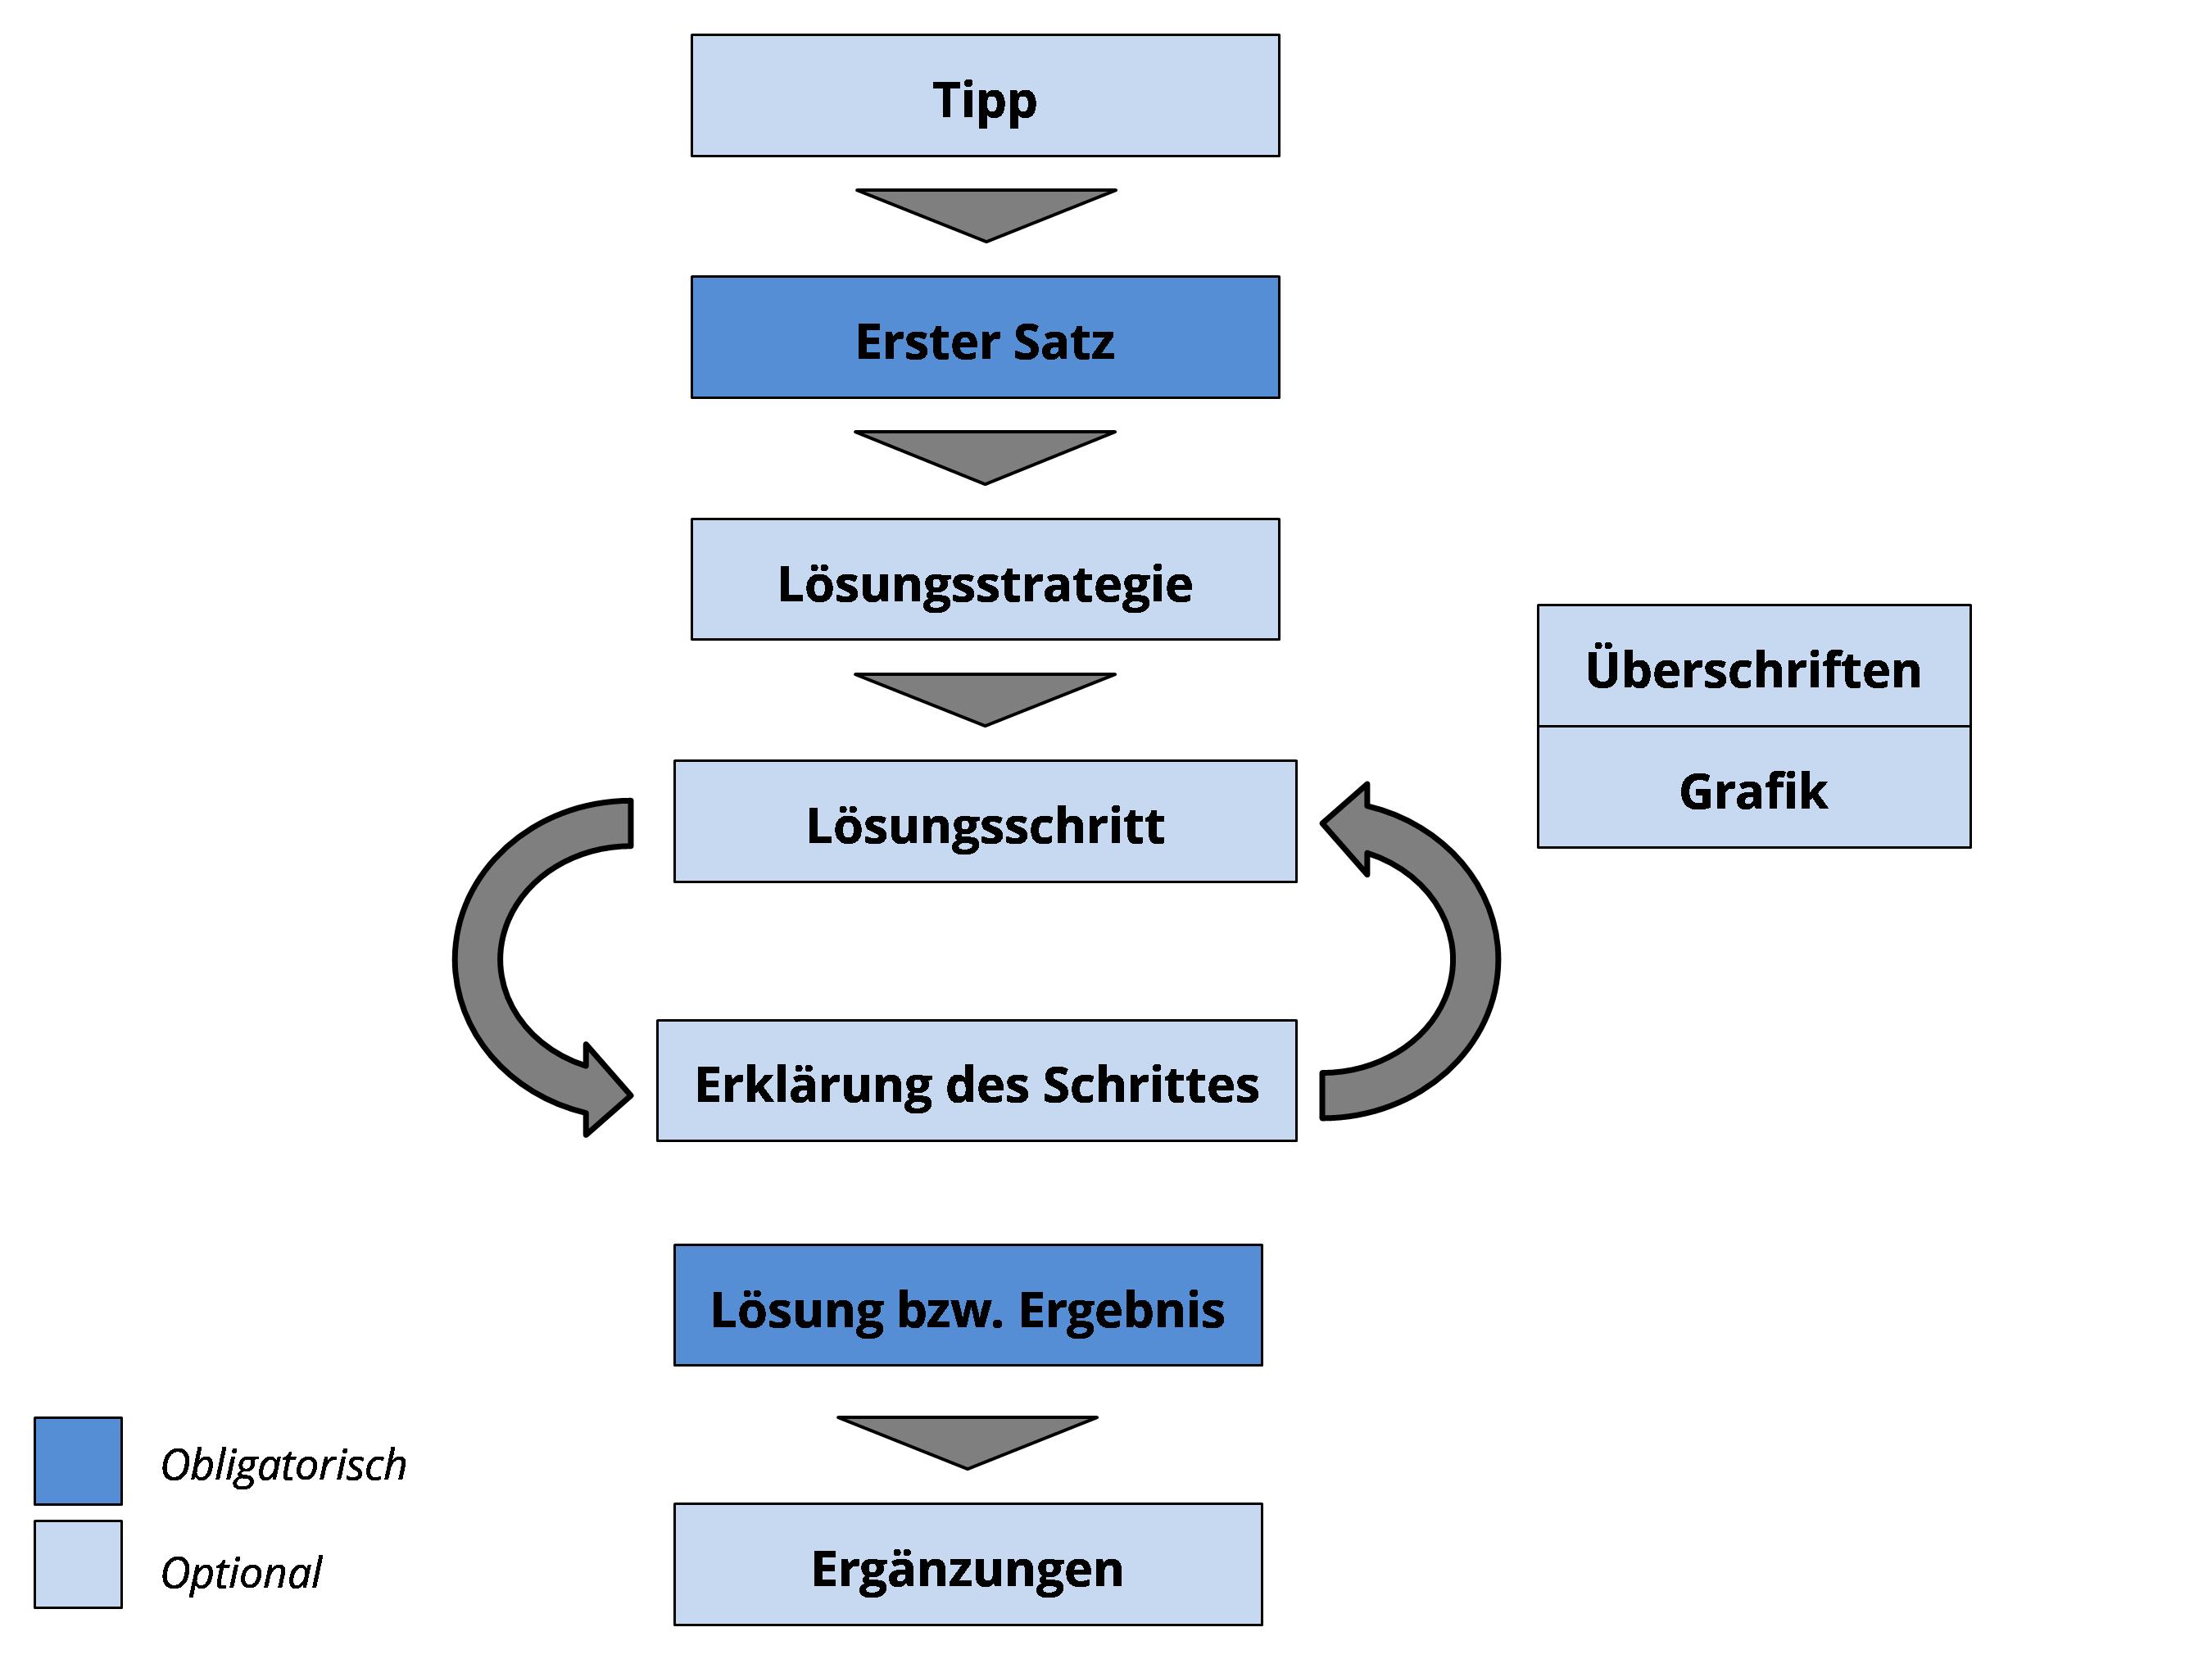 Bild zur Aufgabenlösungsrichtlinie